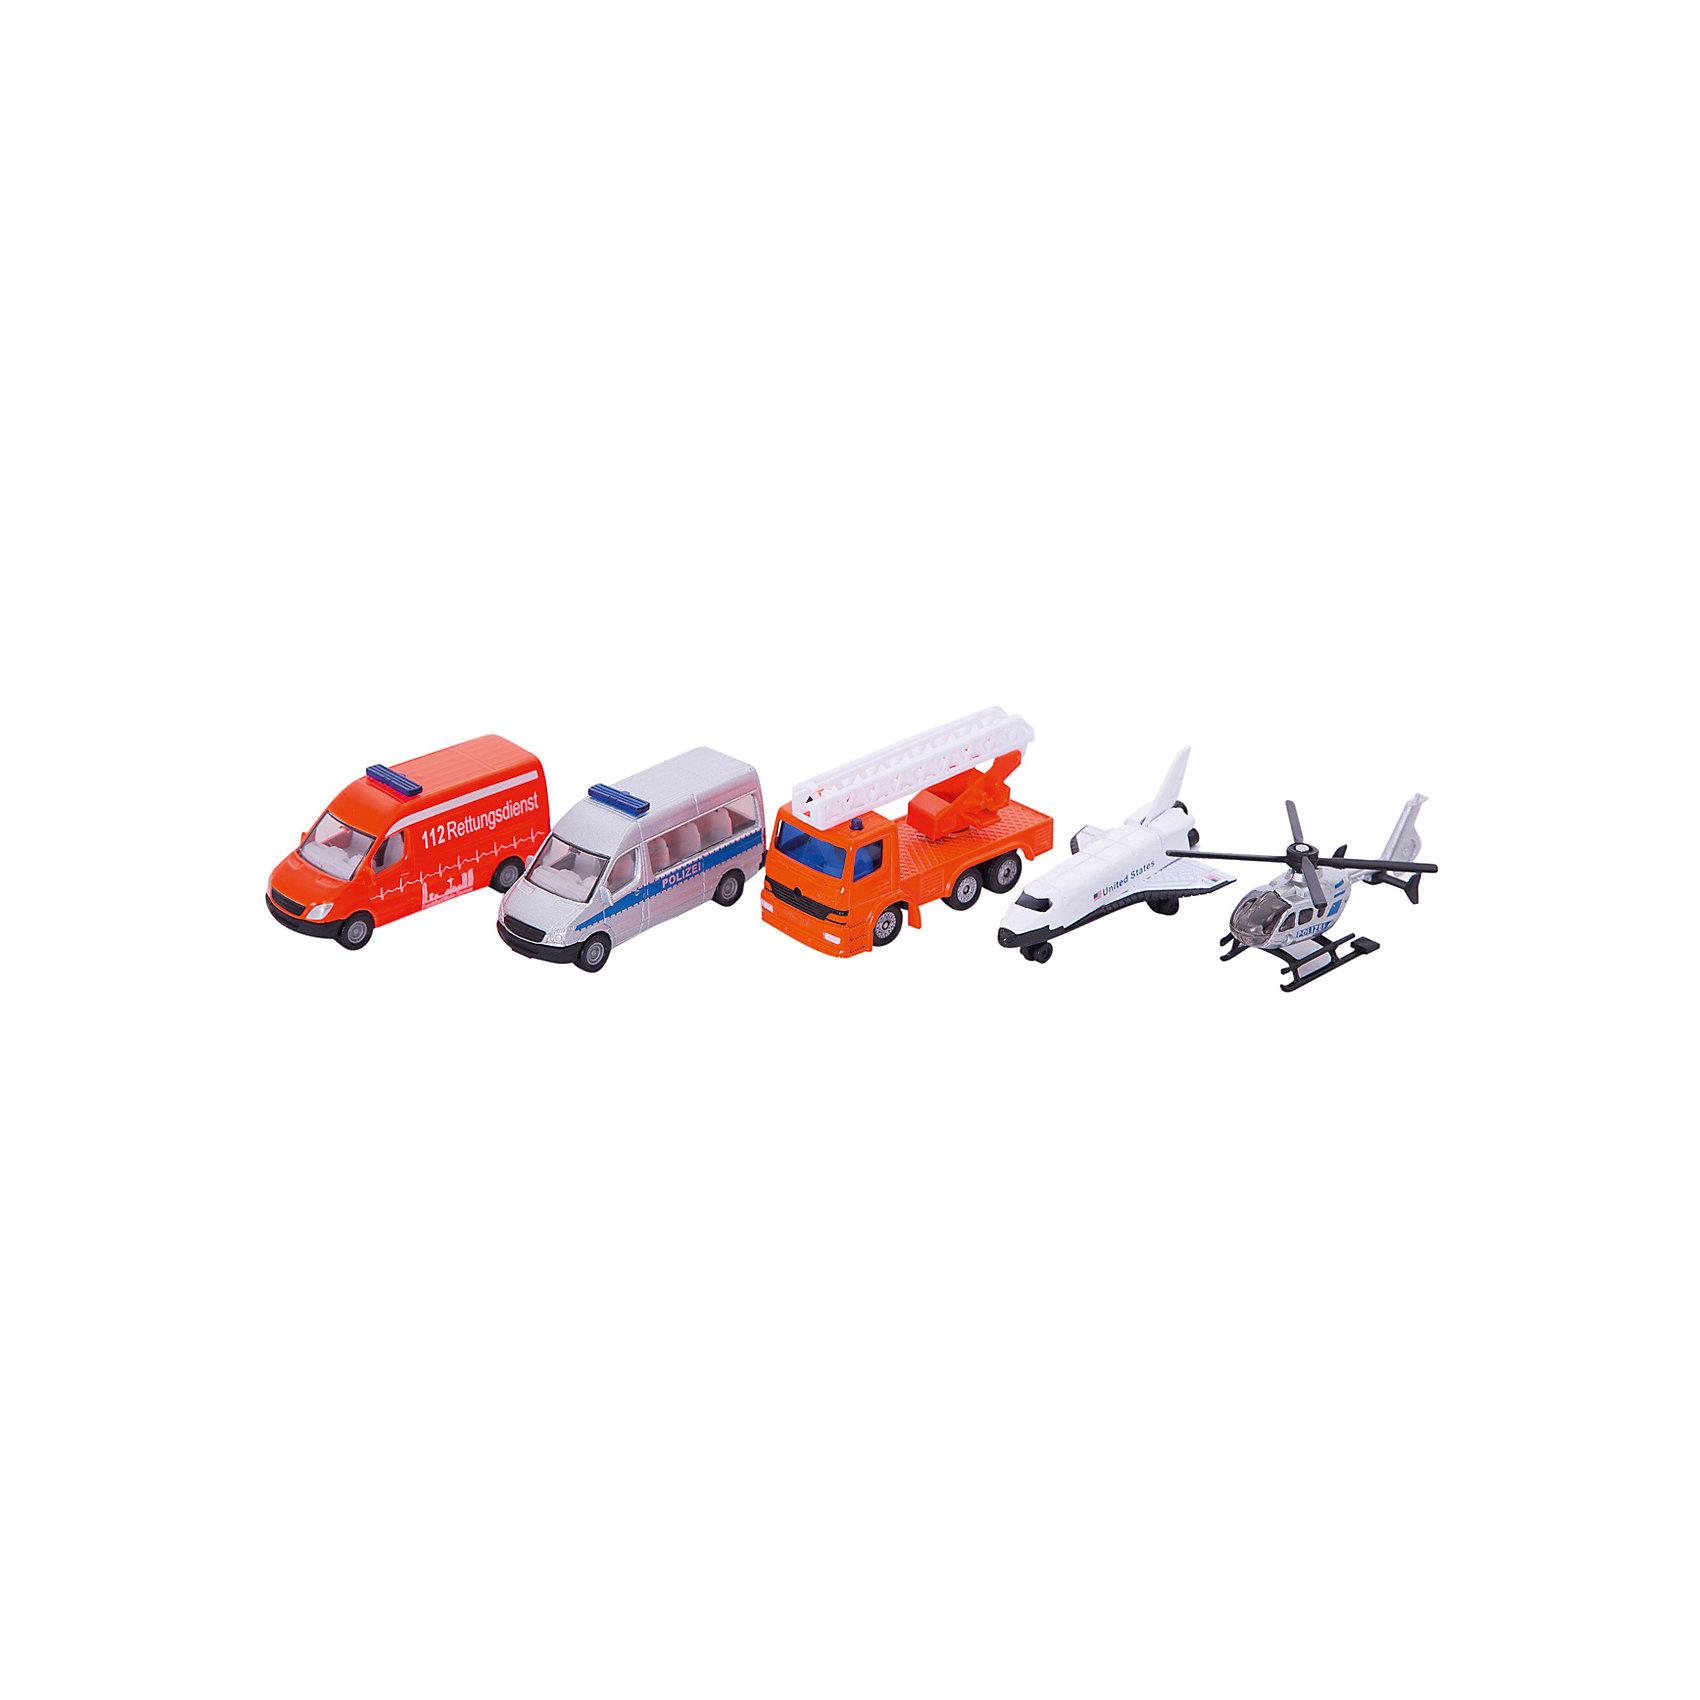 SIKU 6282 Набор Вертолет, самолет, 2-х микроавт.и кранНабор машинок, Siku, станет прекрасным пополнением коллекции юного автолюбителя. В комплекте Вы найдете сразу пять транспортных средства: вертолет, самолет, микроавтобусы скорая помощь и полиция и пожарная машина. Все модели являются точной копией своих реальных прототипов и отличаются высокой степенью детализации и тщательной проработкой всех элементов. Корпуса машинок выполнены из металла, лобовое, заднее и боковые стёкла из прозрачного пластика, колёса вращаются - машинки можно катать. У вертолета вращается винт.<br><br>Дополнительная информация:<br><br>- В комплекте: вертолет, самолет, микроавтобус скорой помощи, микроавтобус полиции, пожарная машина.<br>- Материал: металл, пластик.<br>- Масштаб: 1:55.<br>- Размер упаковки: 27,8 x 10,8 x 4,8 см.<br>- Вес: 0,281 кг. <br><br> 6282 Набор Вертолет, самолет, 2 микроавтобуса и кран, Siku, можно купить в нашем интернет-магазине.<br><br>Ширина мм: 285<br>Глубина мм: 109<br>Высота мм: 53<br>Вес г: 280<br>Возраст от месяцев: 36<br>Возраст до месяцев: 96<br>Пол: Мужской<br>Возраст: Детский<br>SKU: 1559956